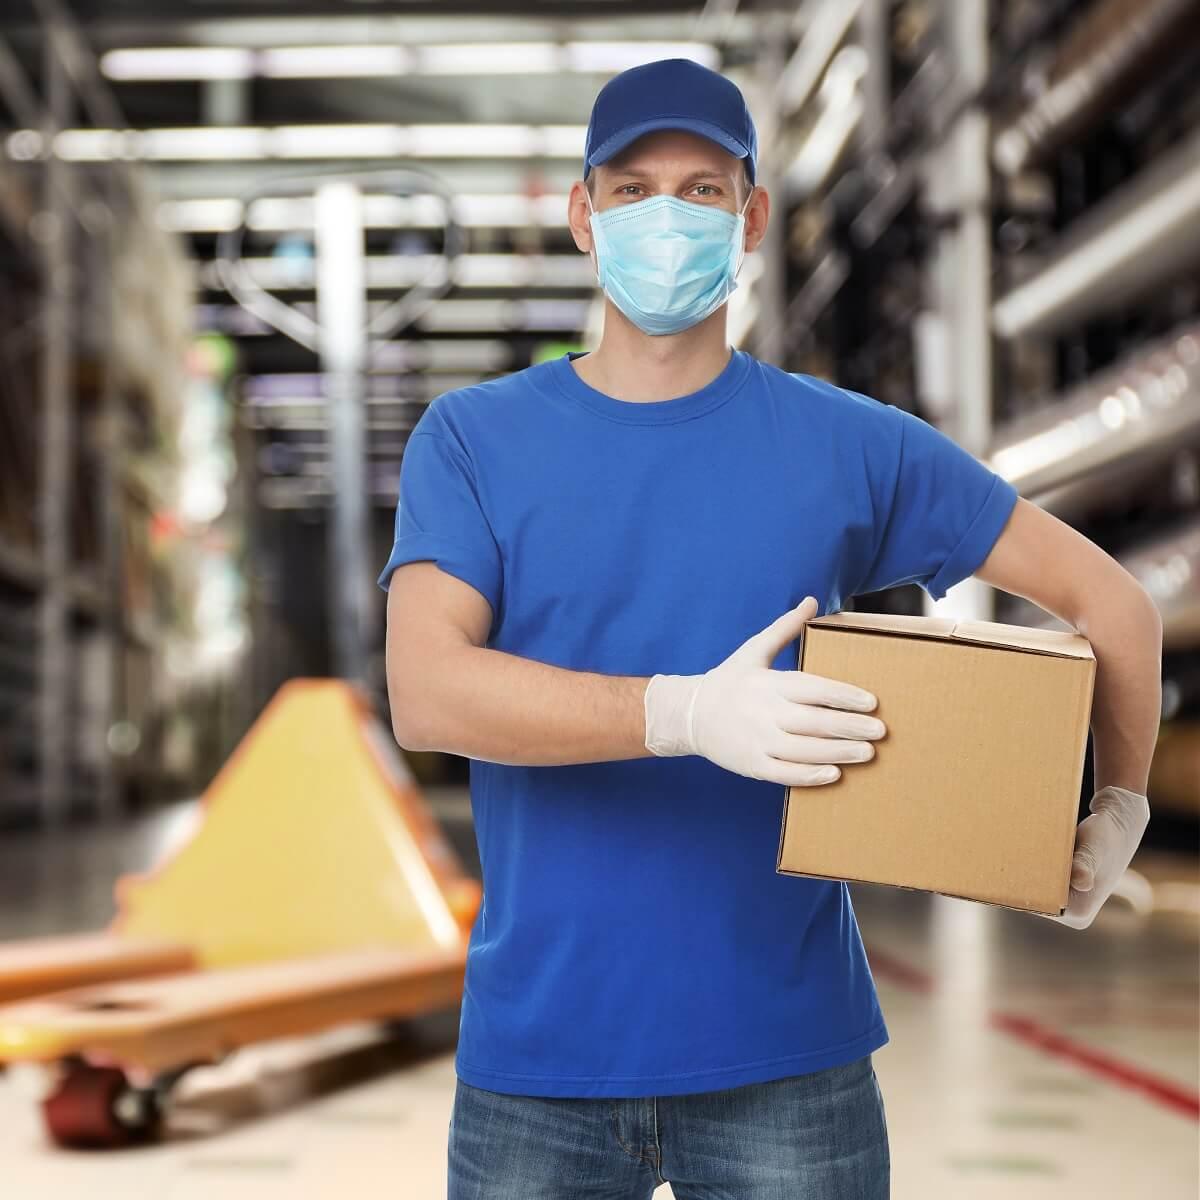 Bezpieczne paczki w czasach pandemii